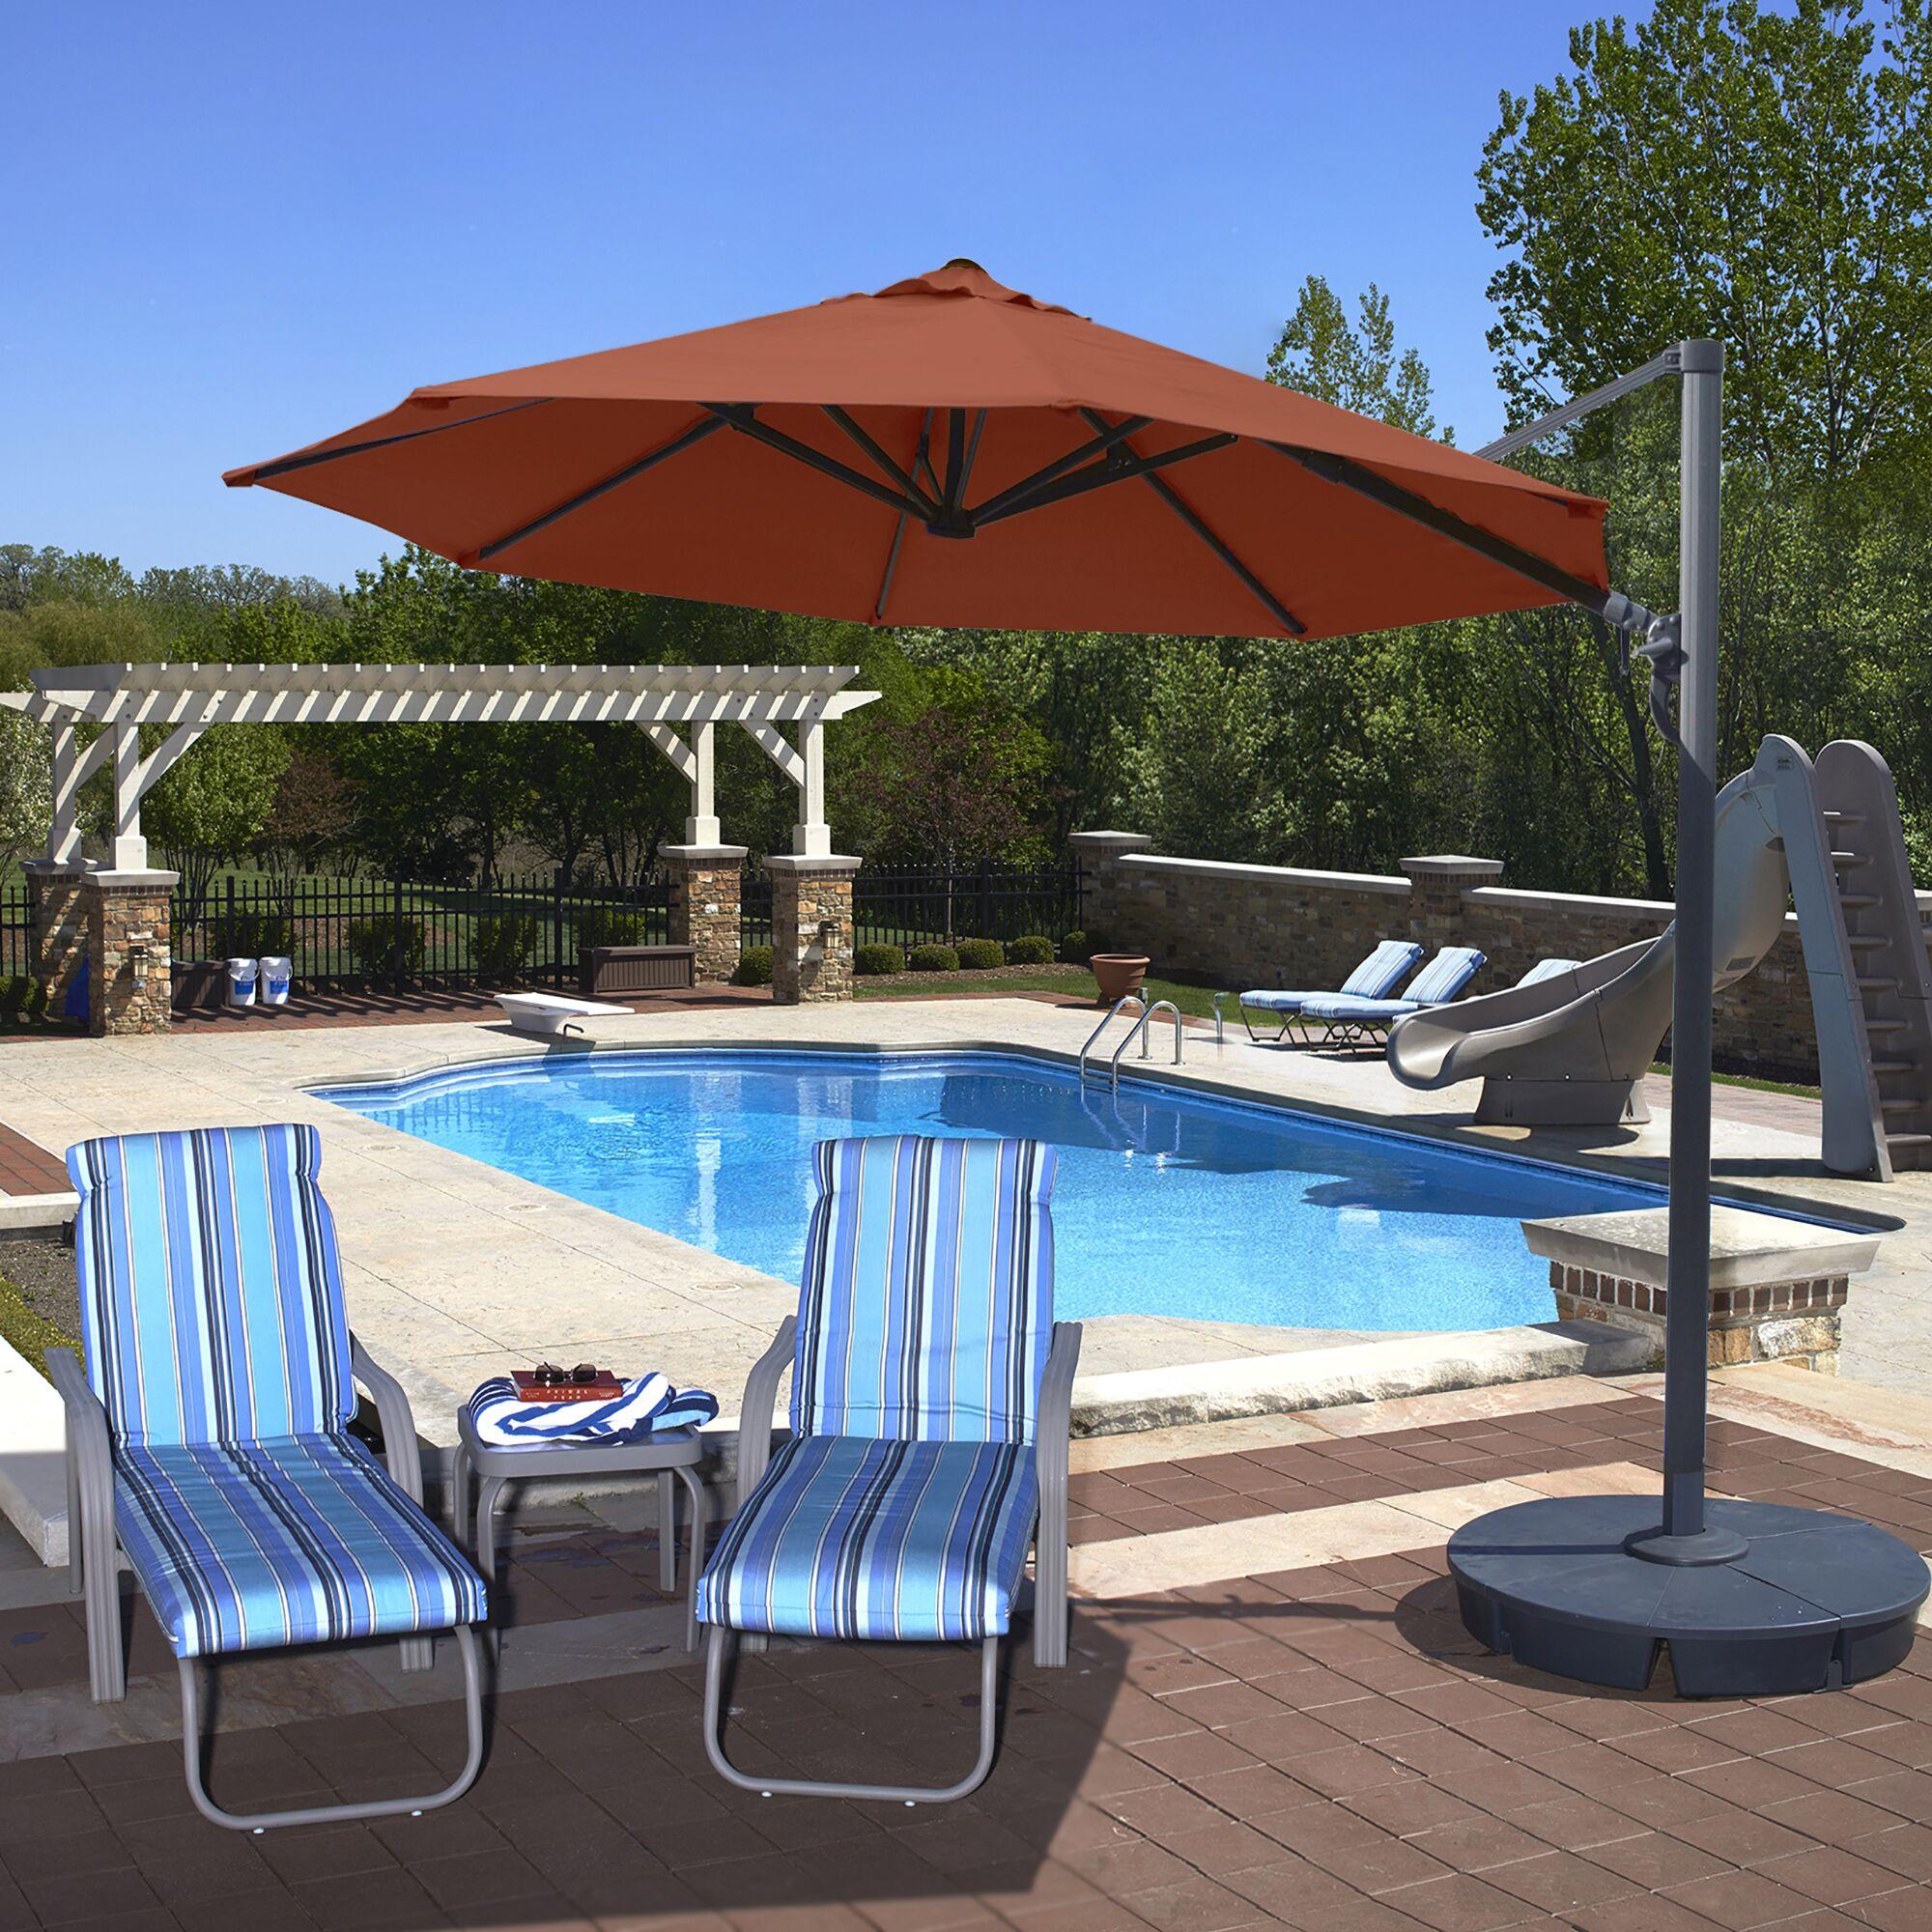 Freeport 11' Cantilever Umbrella Color: Terra Cotta